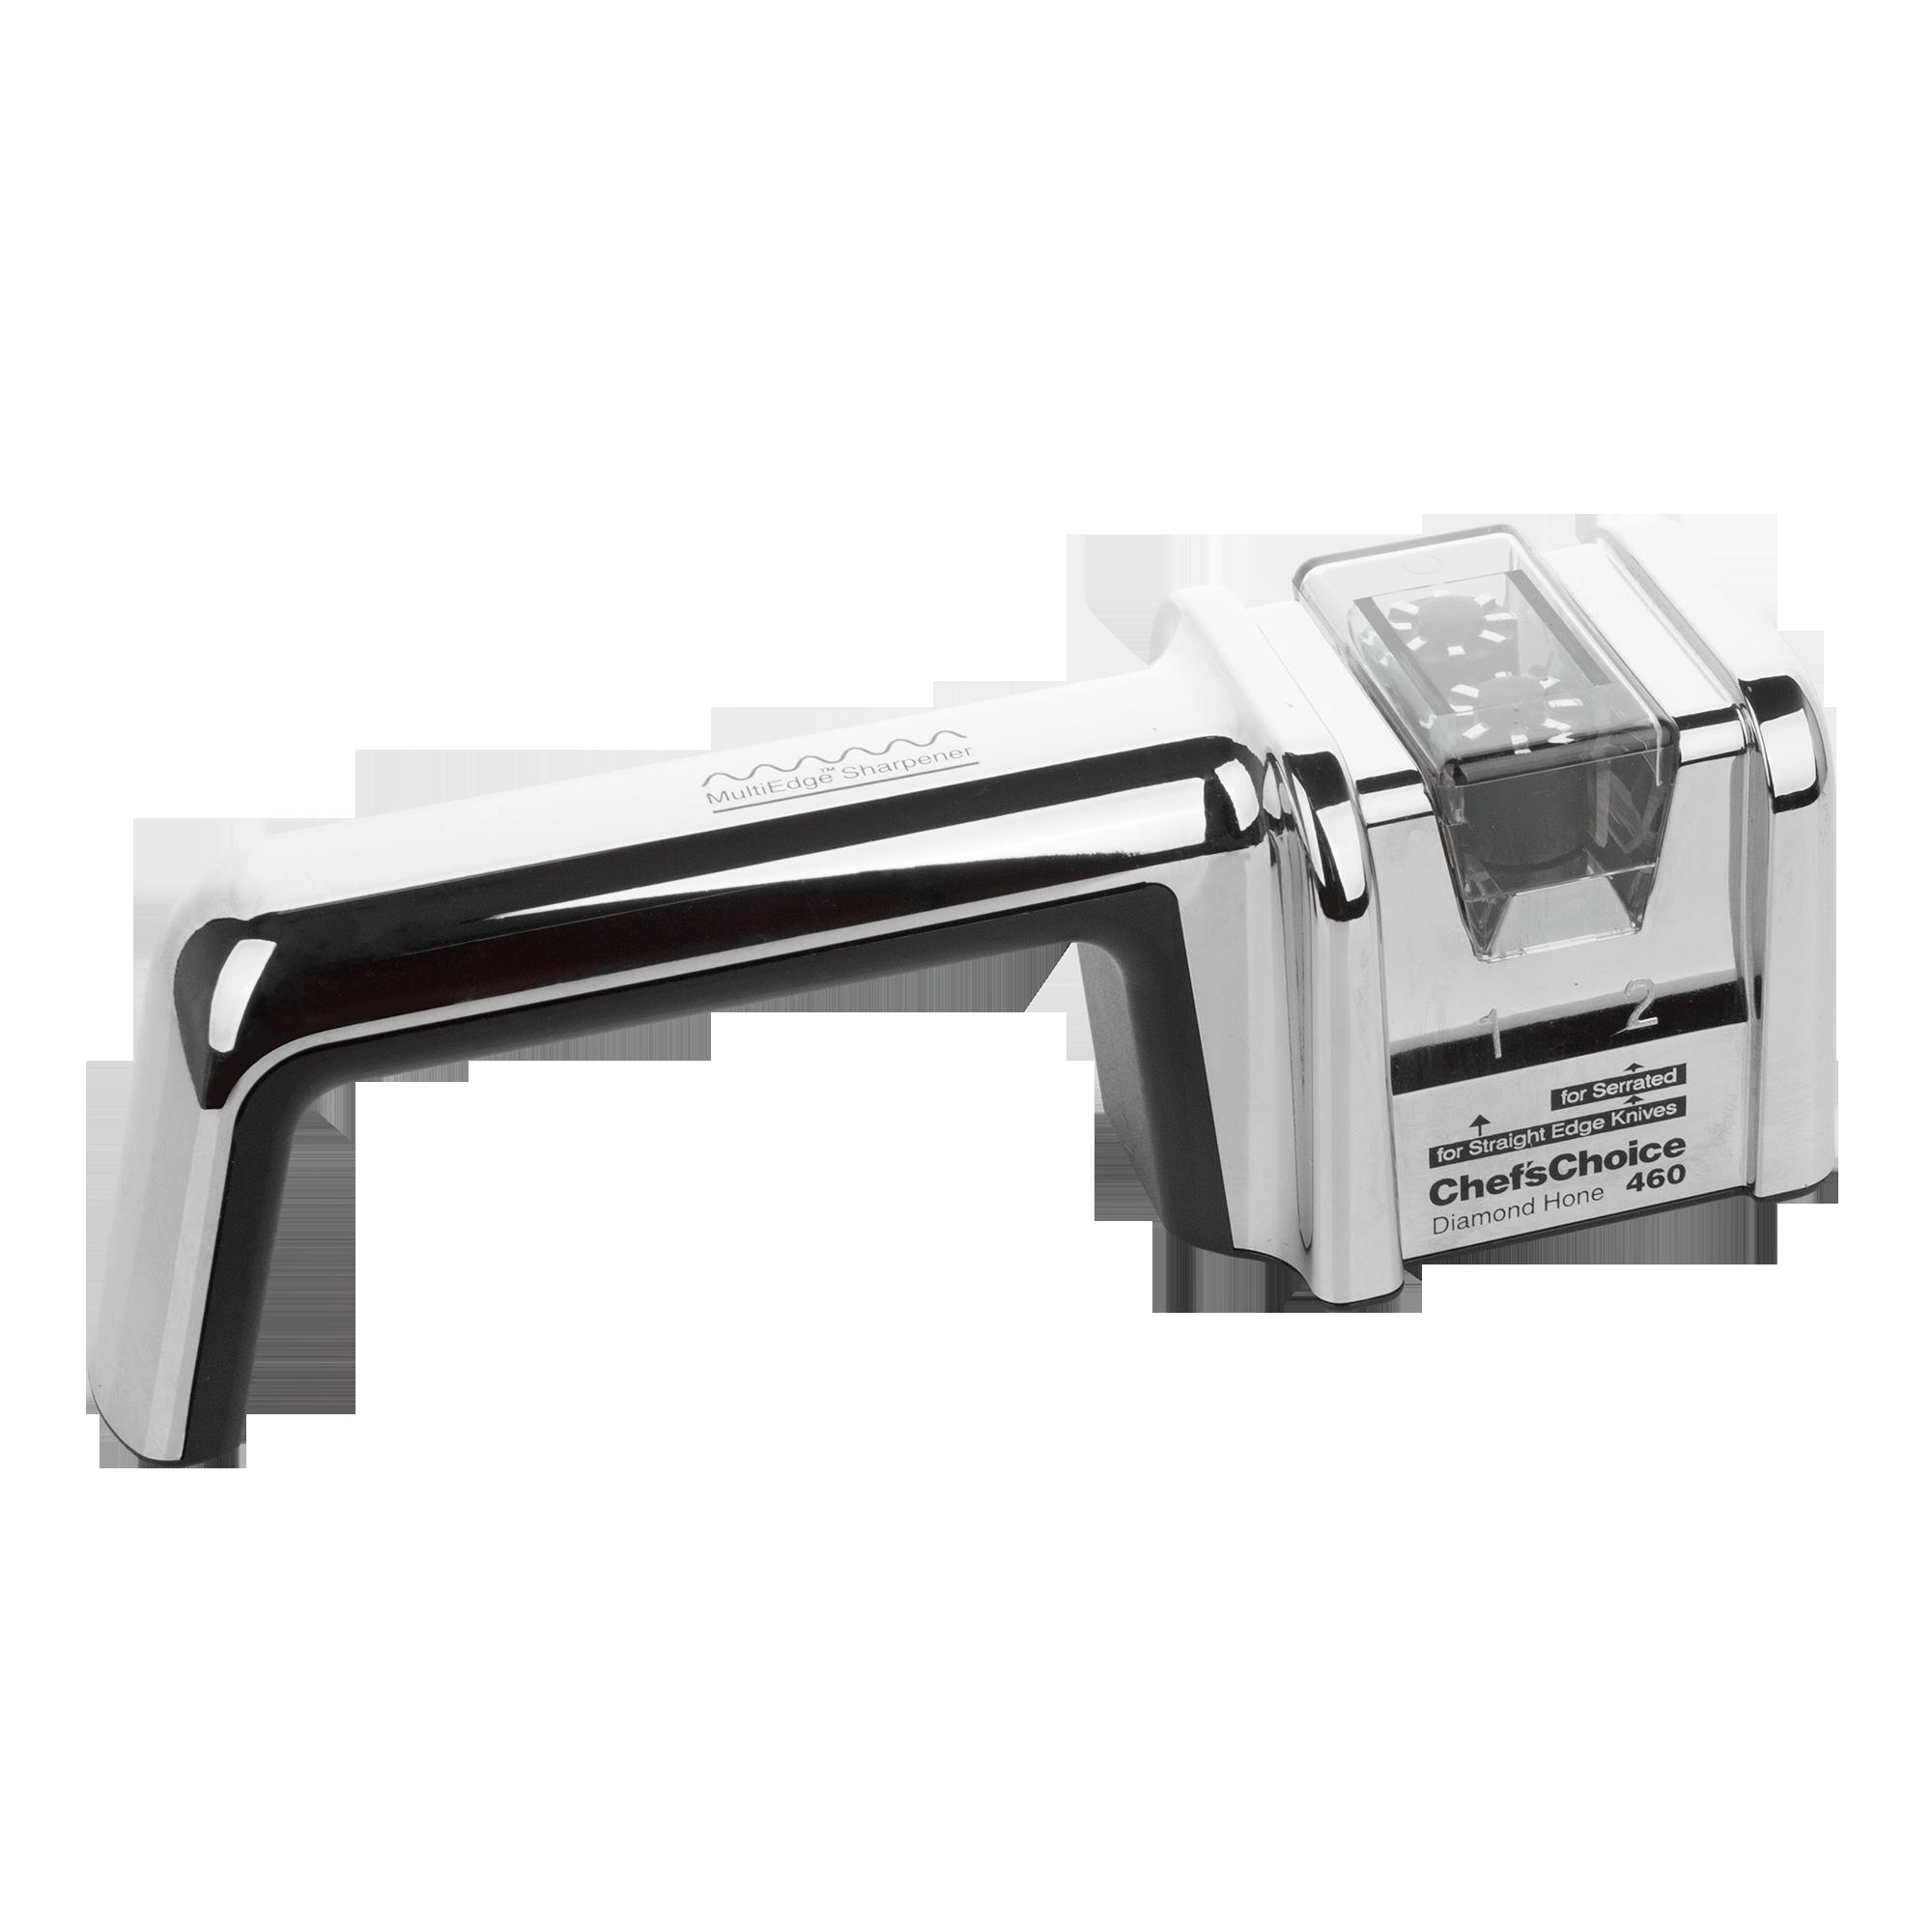 Механическая точилка для заточки ножей Chef'sChoice CC460RH цена